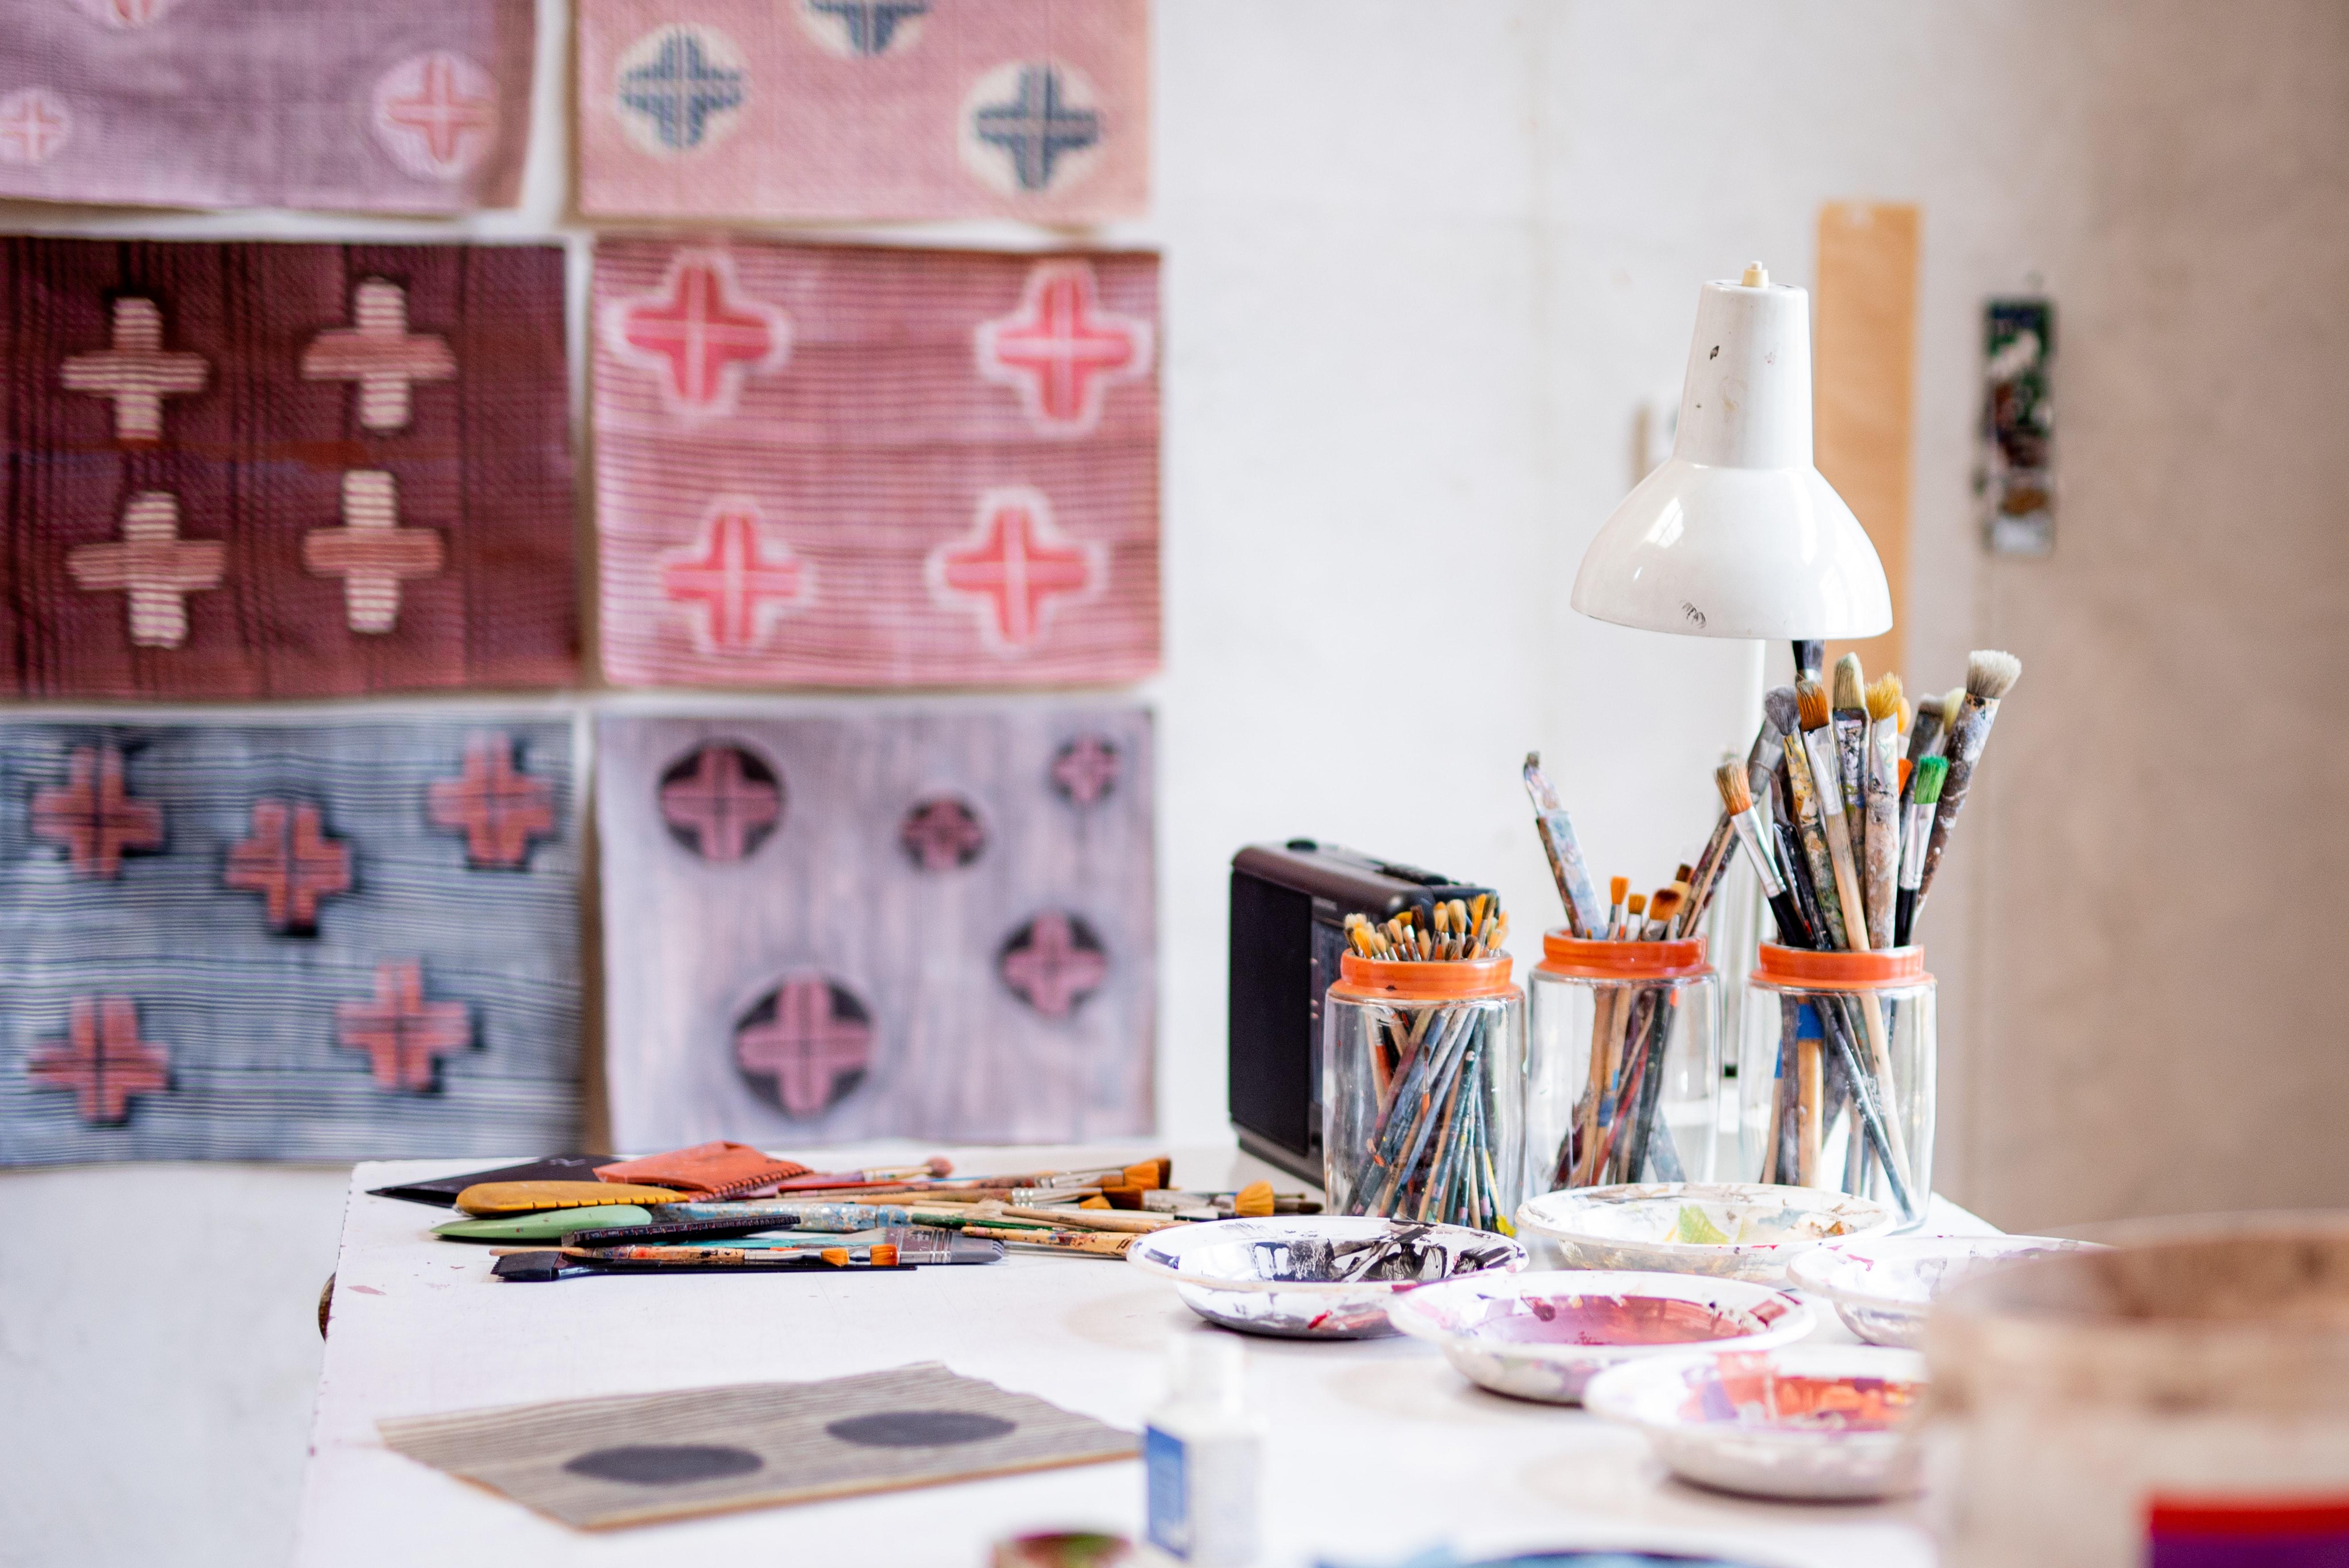 Visual art studio set-up in college dorm room.